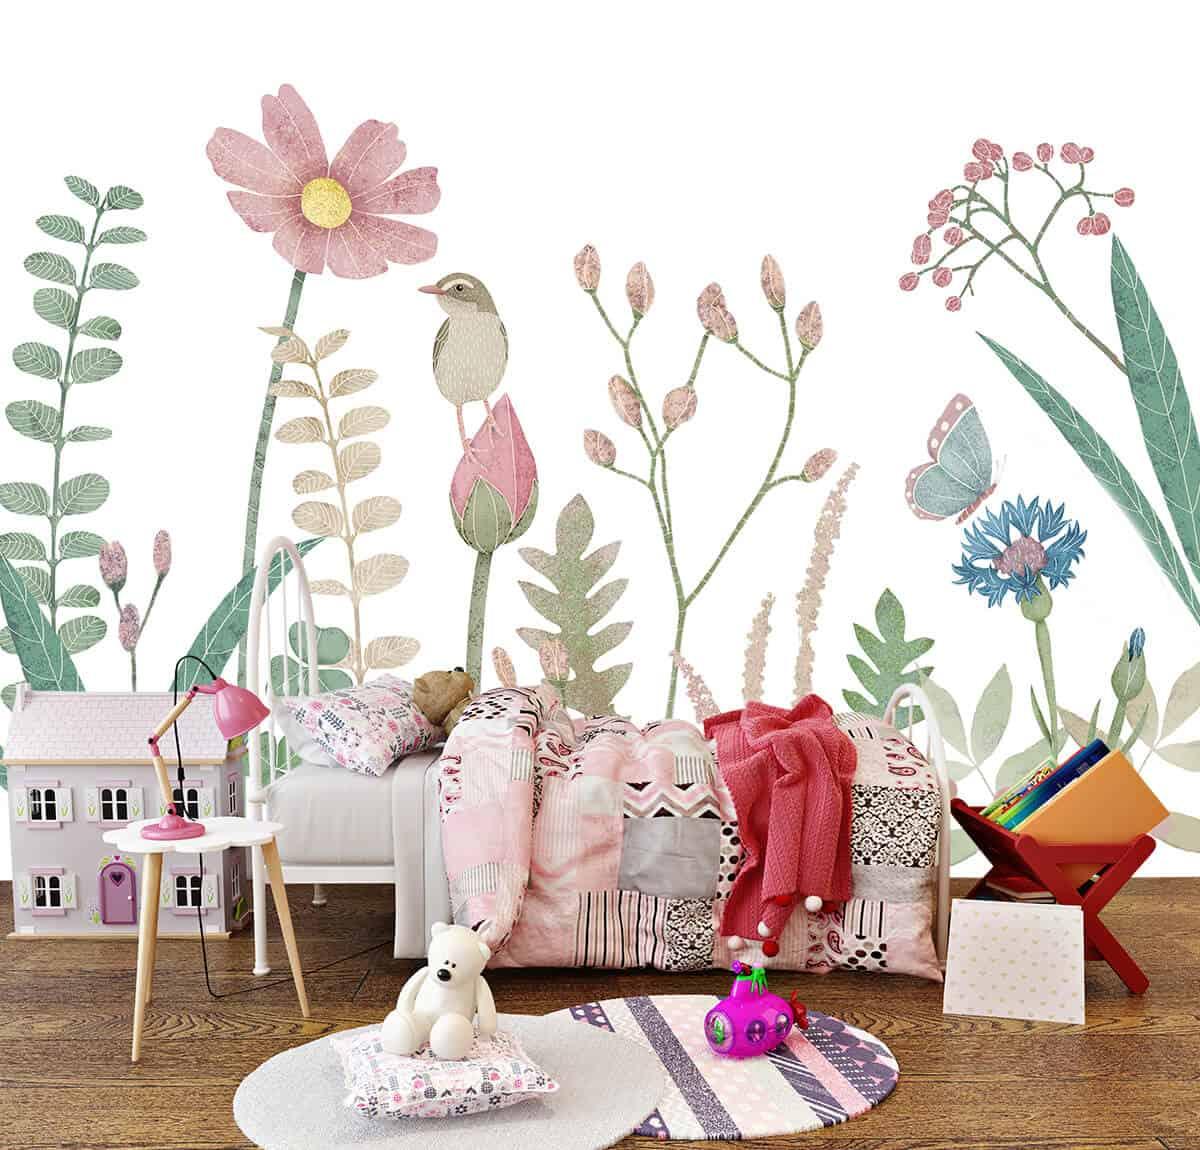 dekoracje do pokoju dziecięcego - tapeta z roślinami